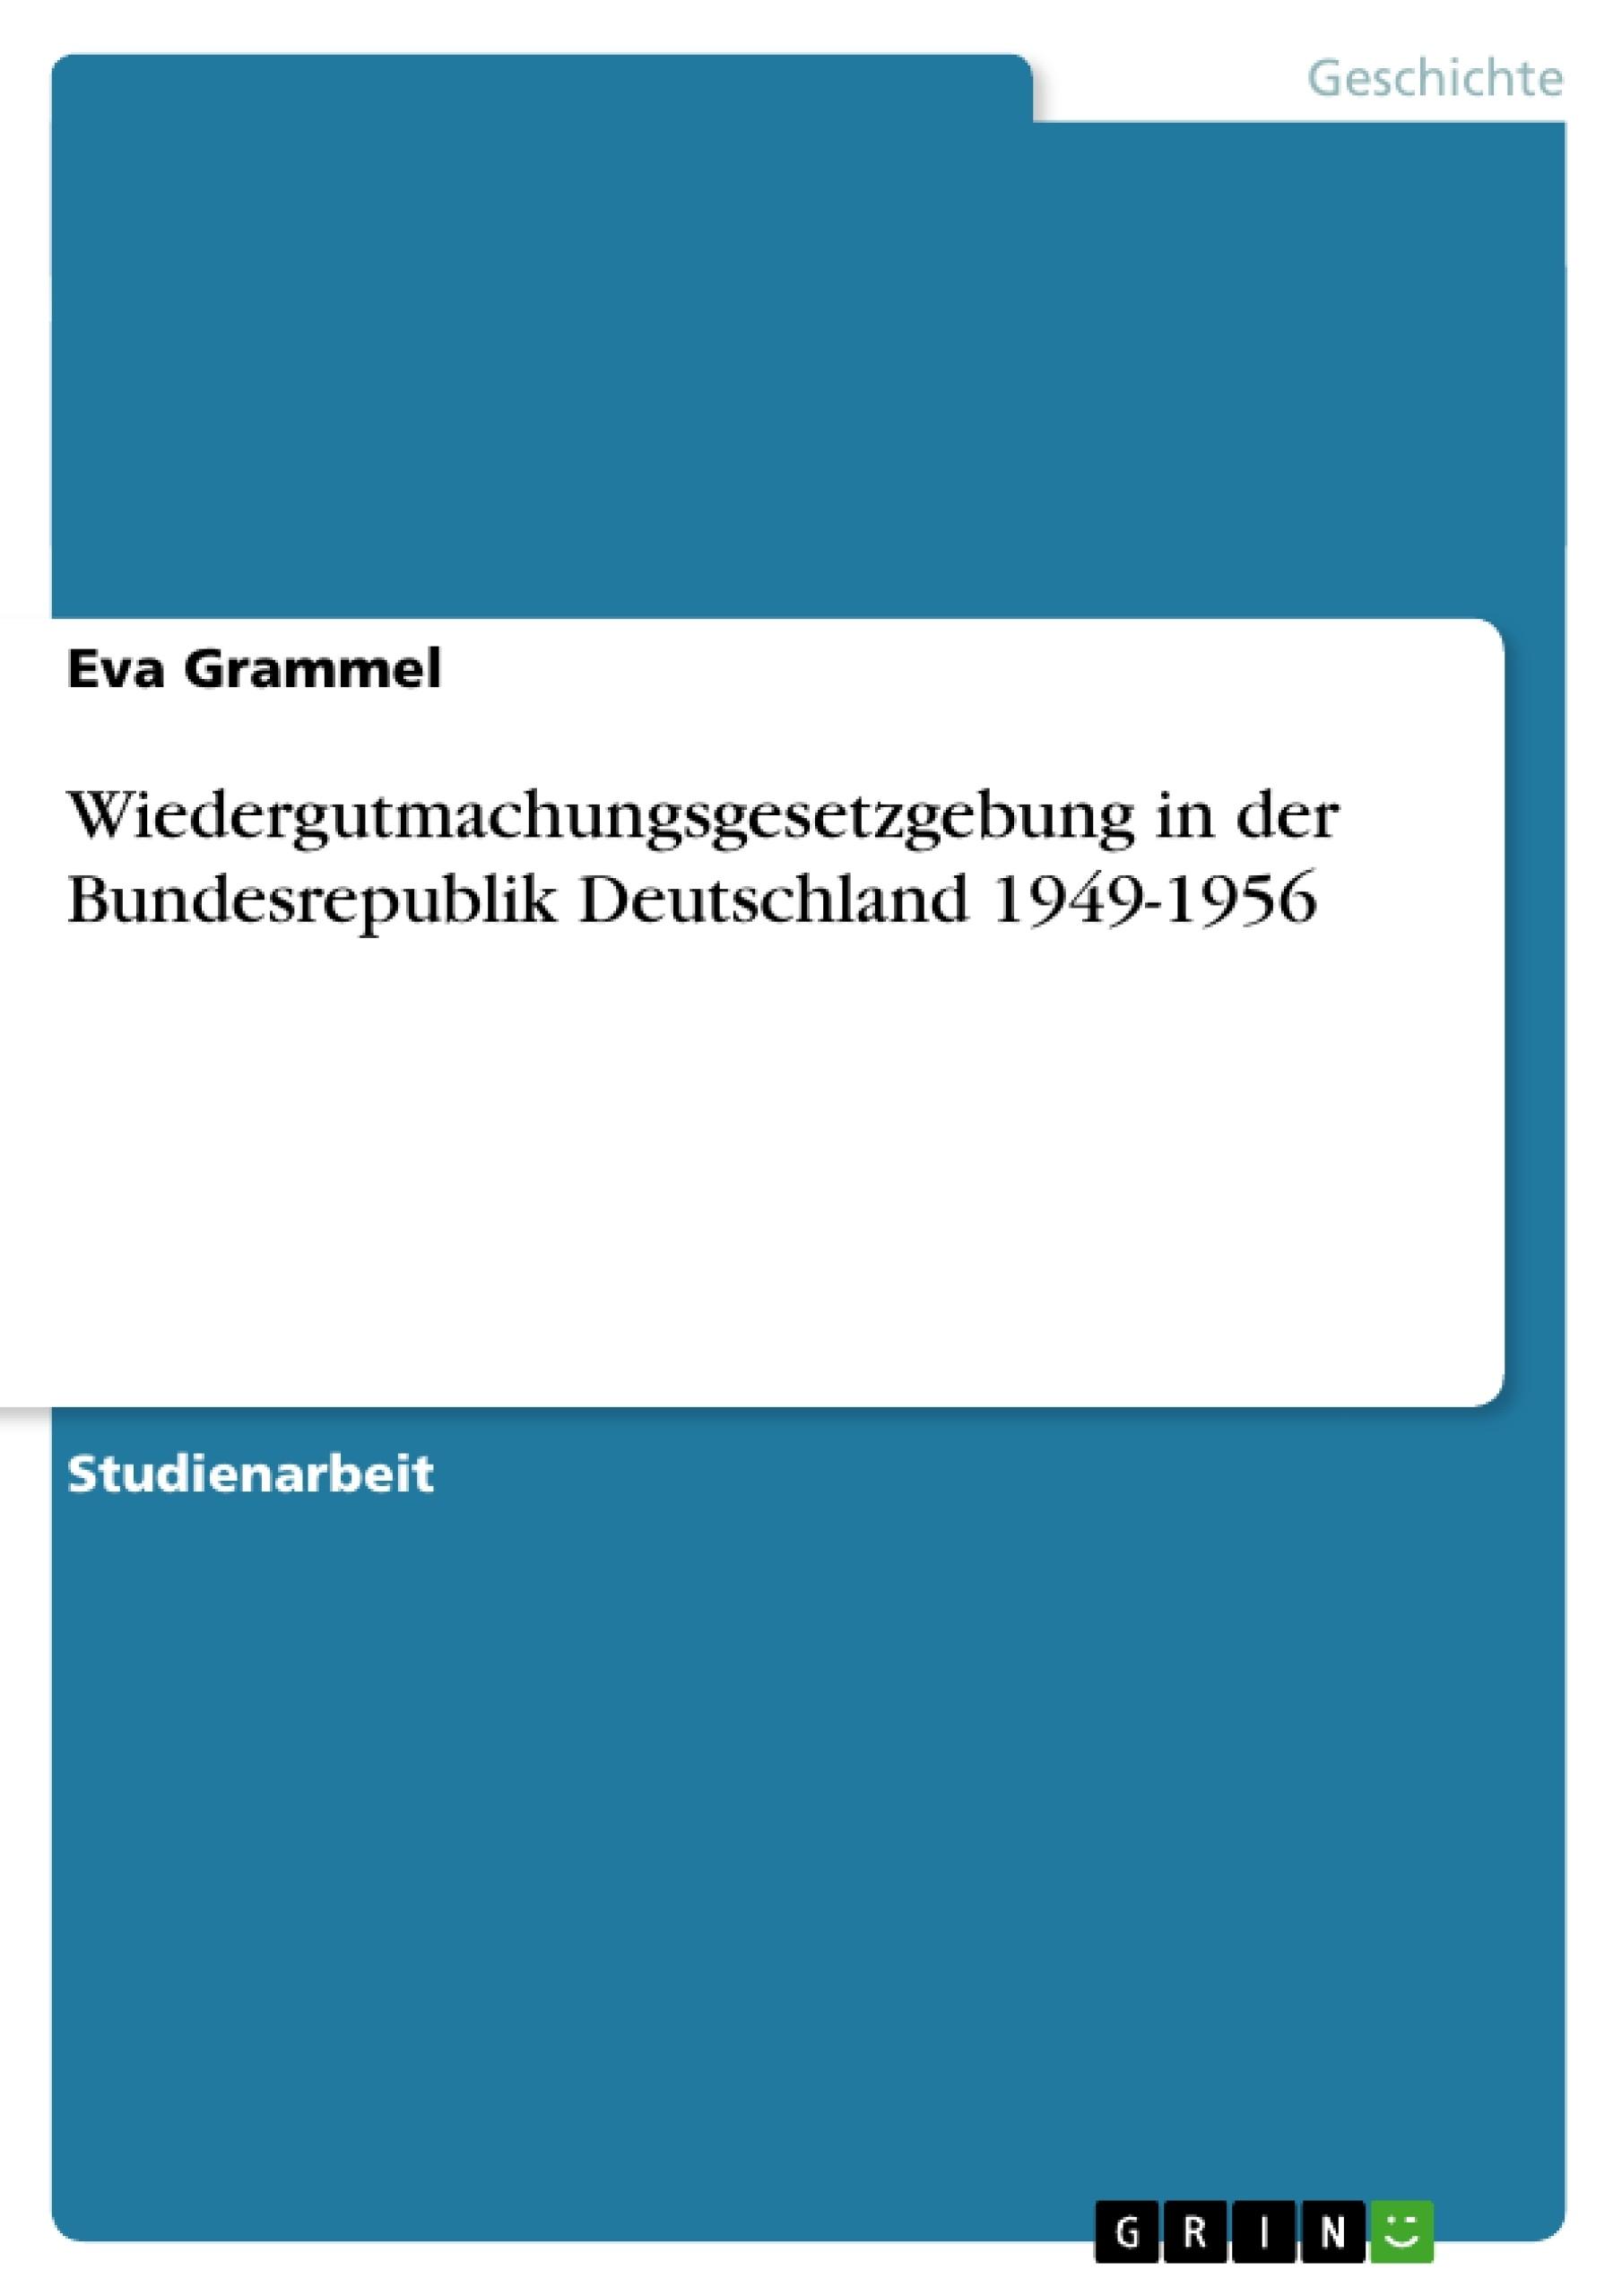 Titel: Wiedergutmachungsgesetzgebung in der Bundesrepublik Deutschland 1949-1956